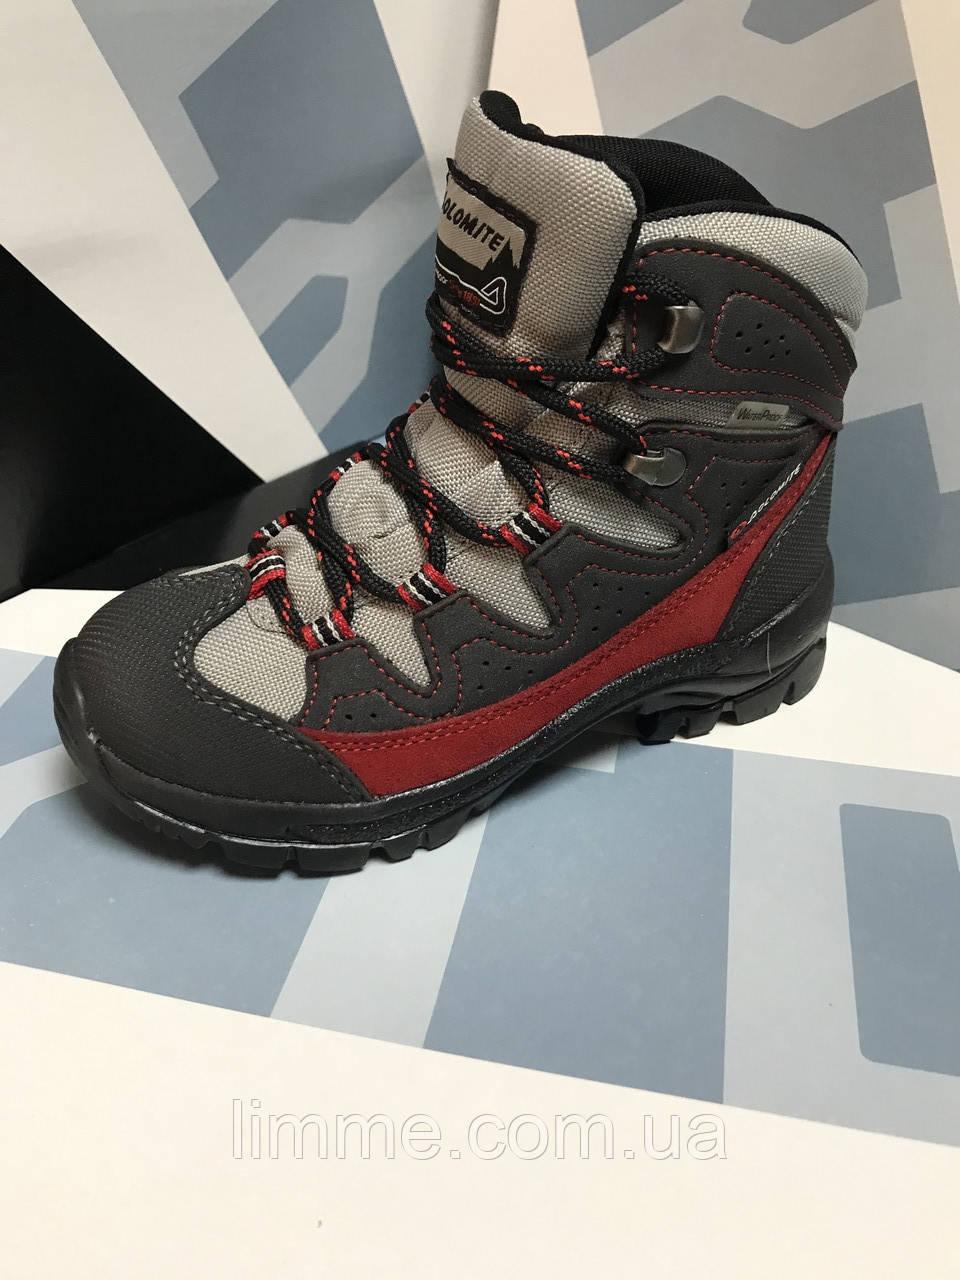 Дитячі зимові черевички Lytos